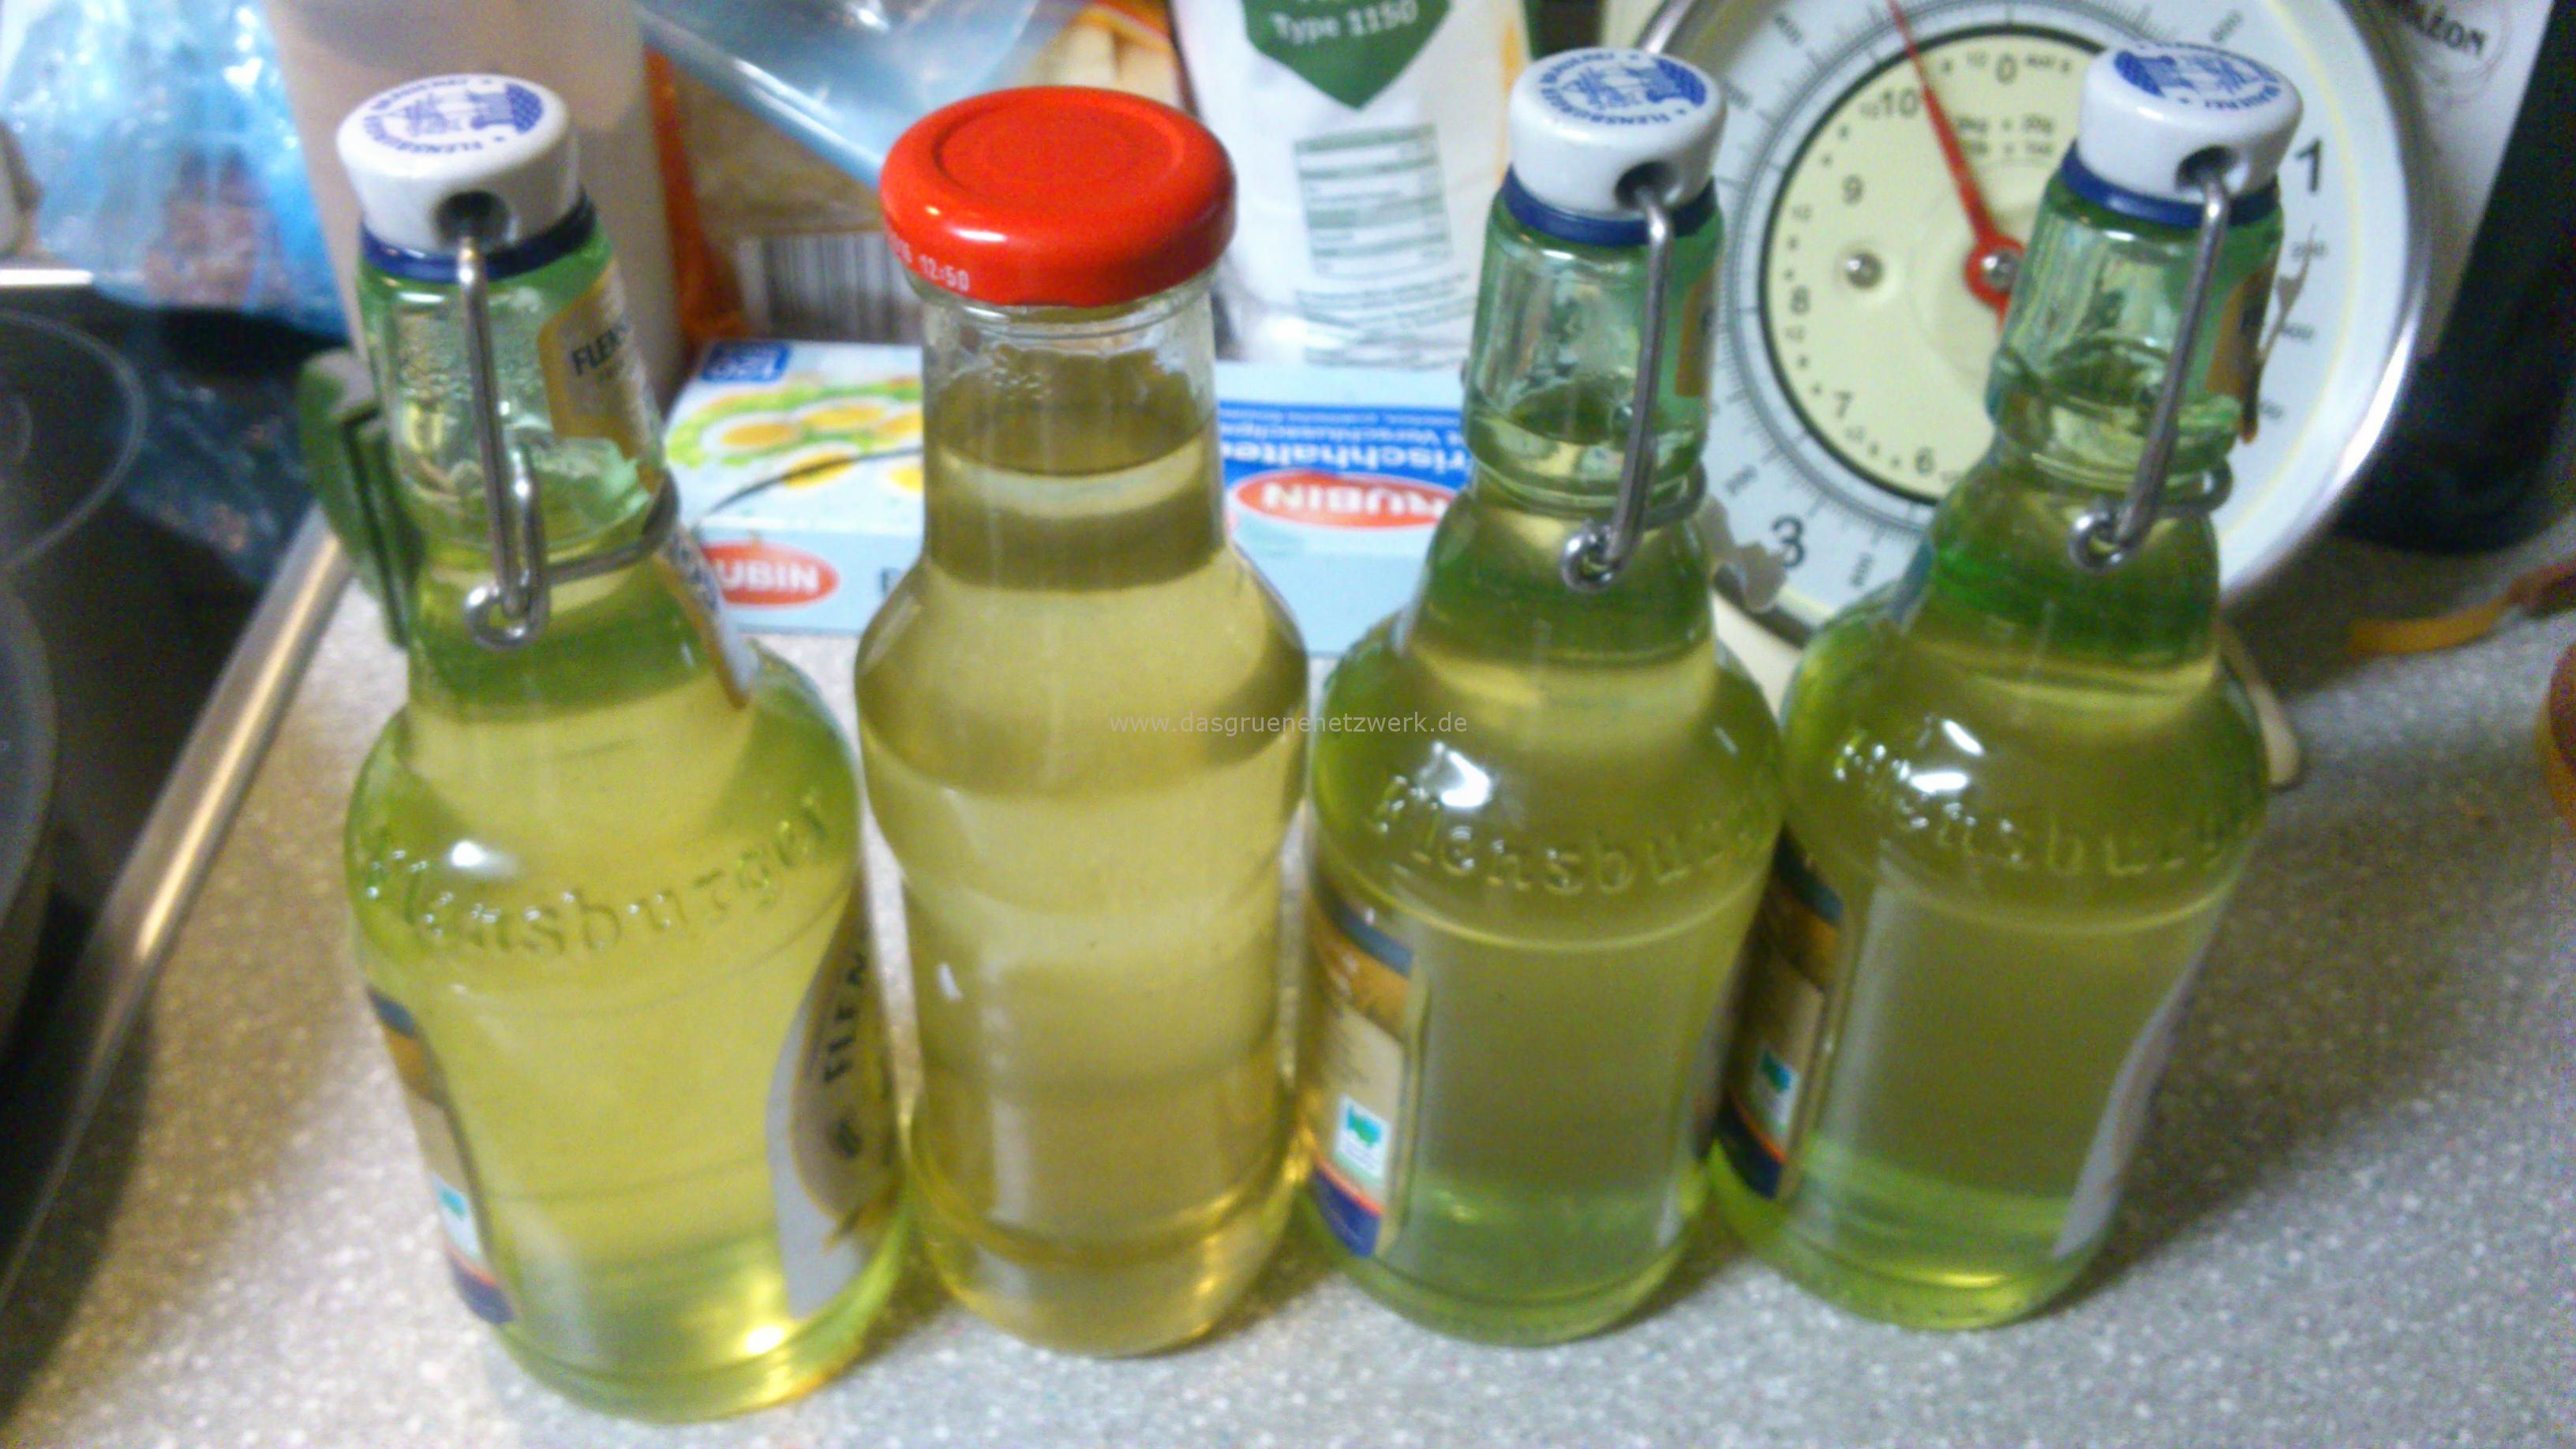 Ich nehme zum Abfüllen Soßenflaschen, kleine Weinflaschen oder Plopp-Bierflaschen. Hauptsache: Steril und Dicht